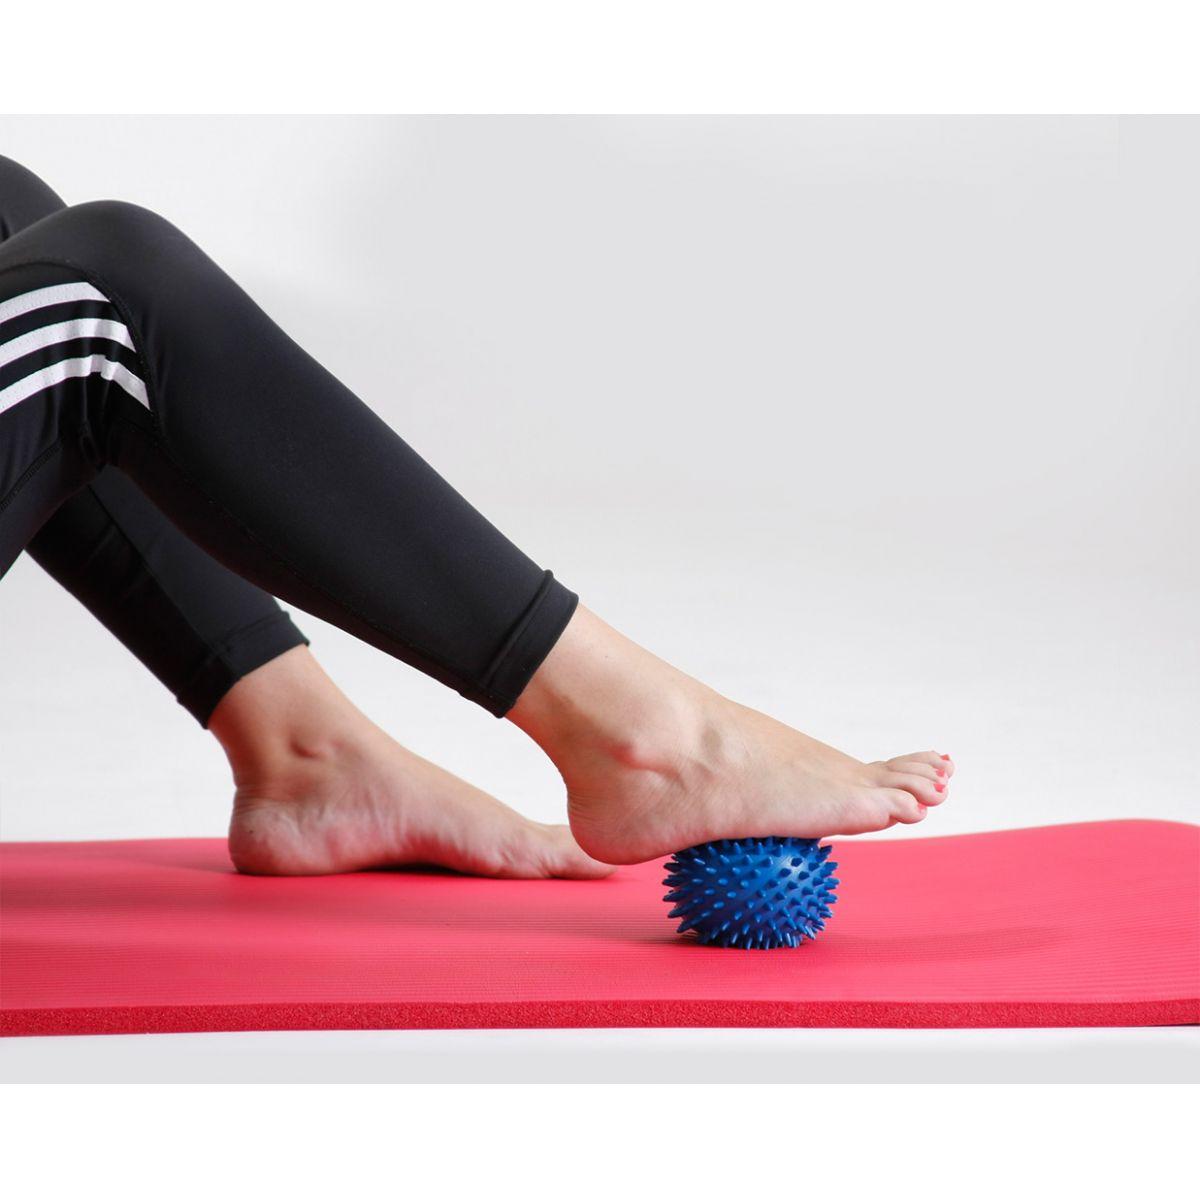 Bola para massagem Point Ball 06cm - dura com cravos - PBD.06